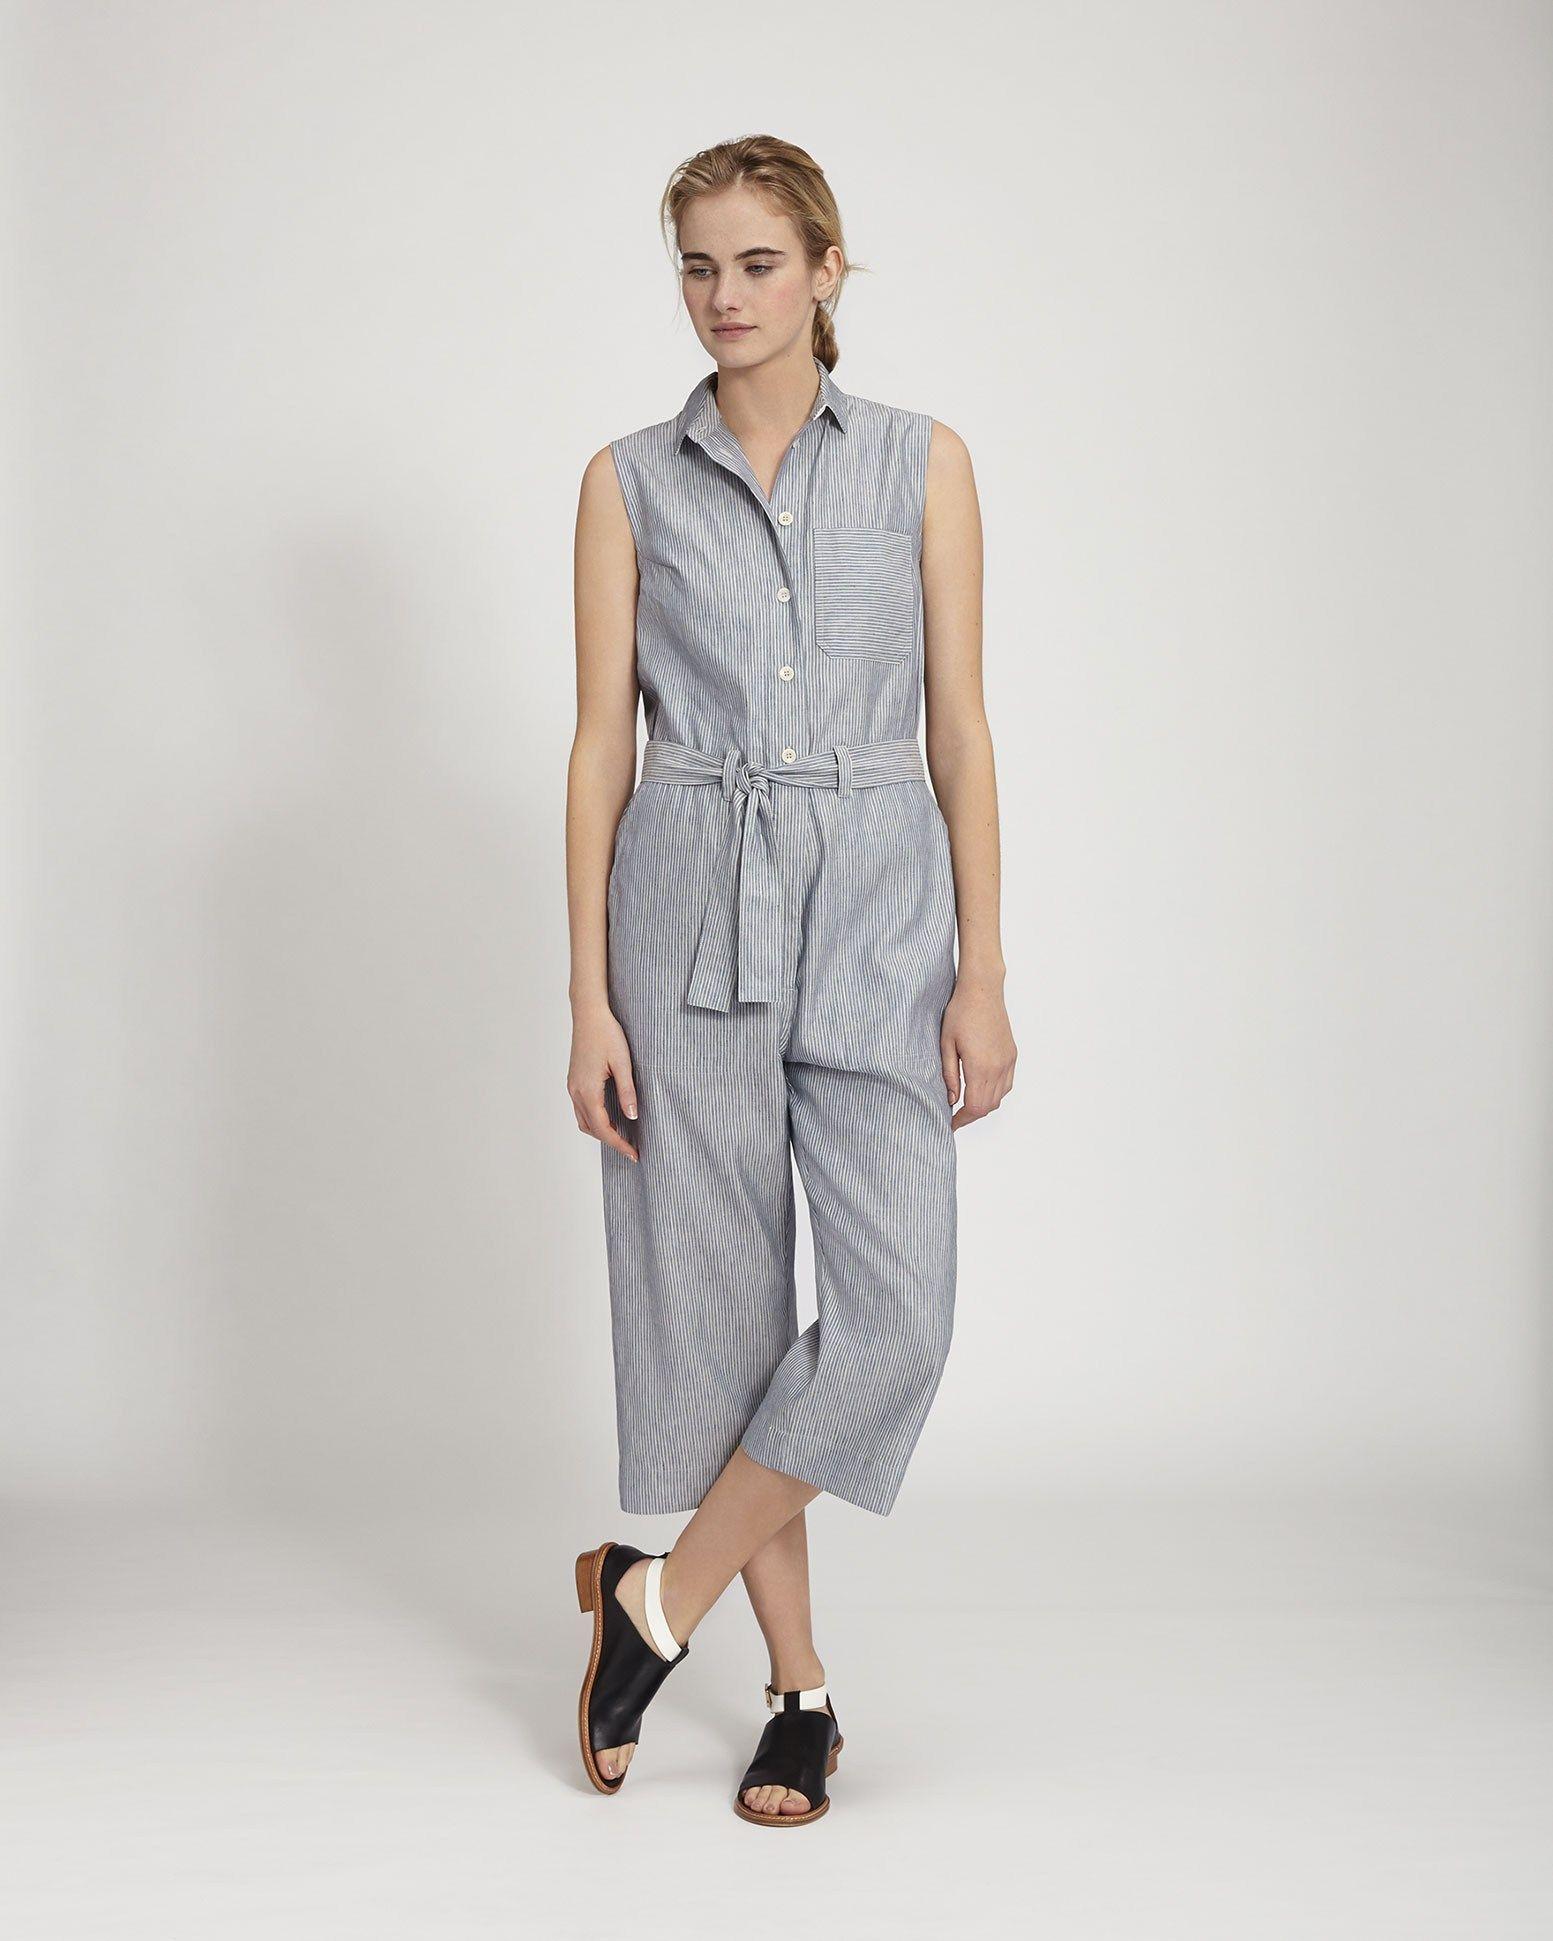 cb43c9ea86 Women s Indigo Linen Cotton Fantine Jumpsuit